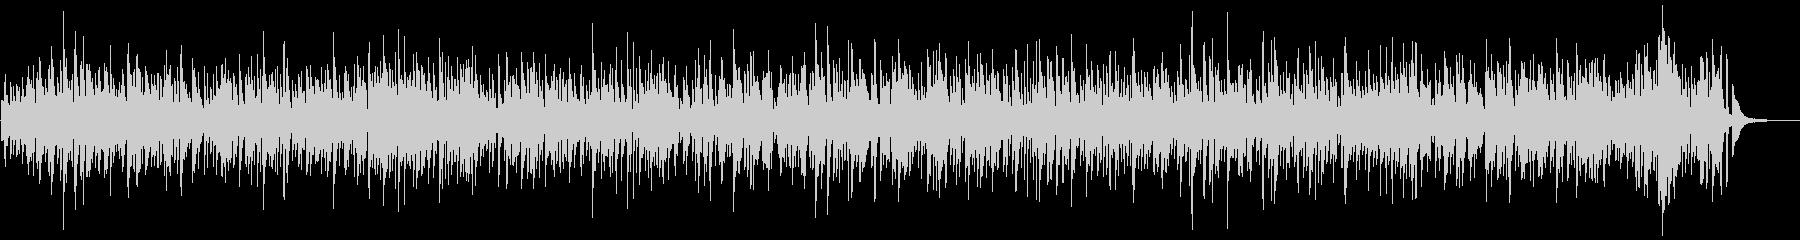 うきうきするボサノバBGMの未再生の波形